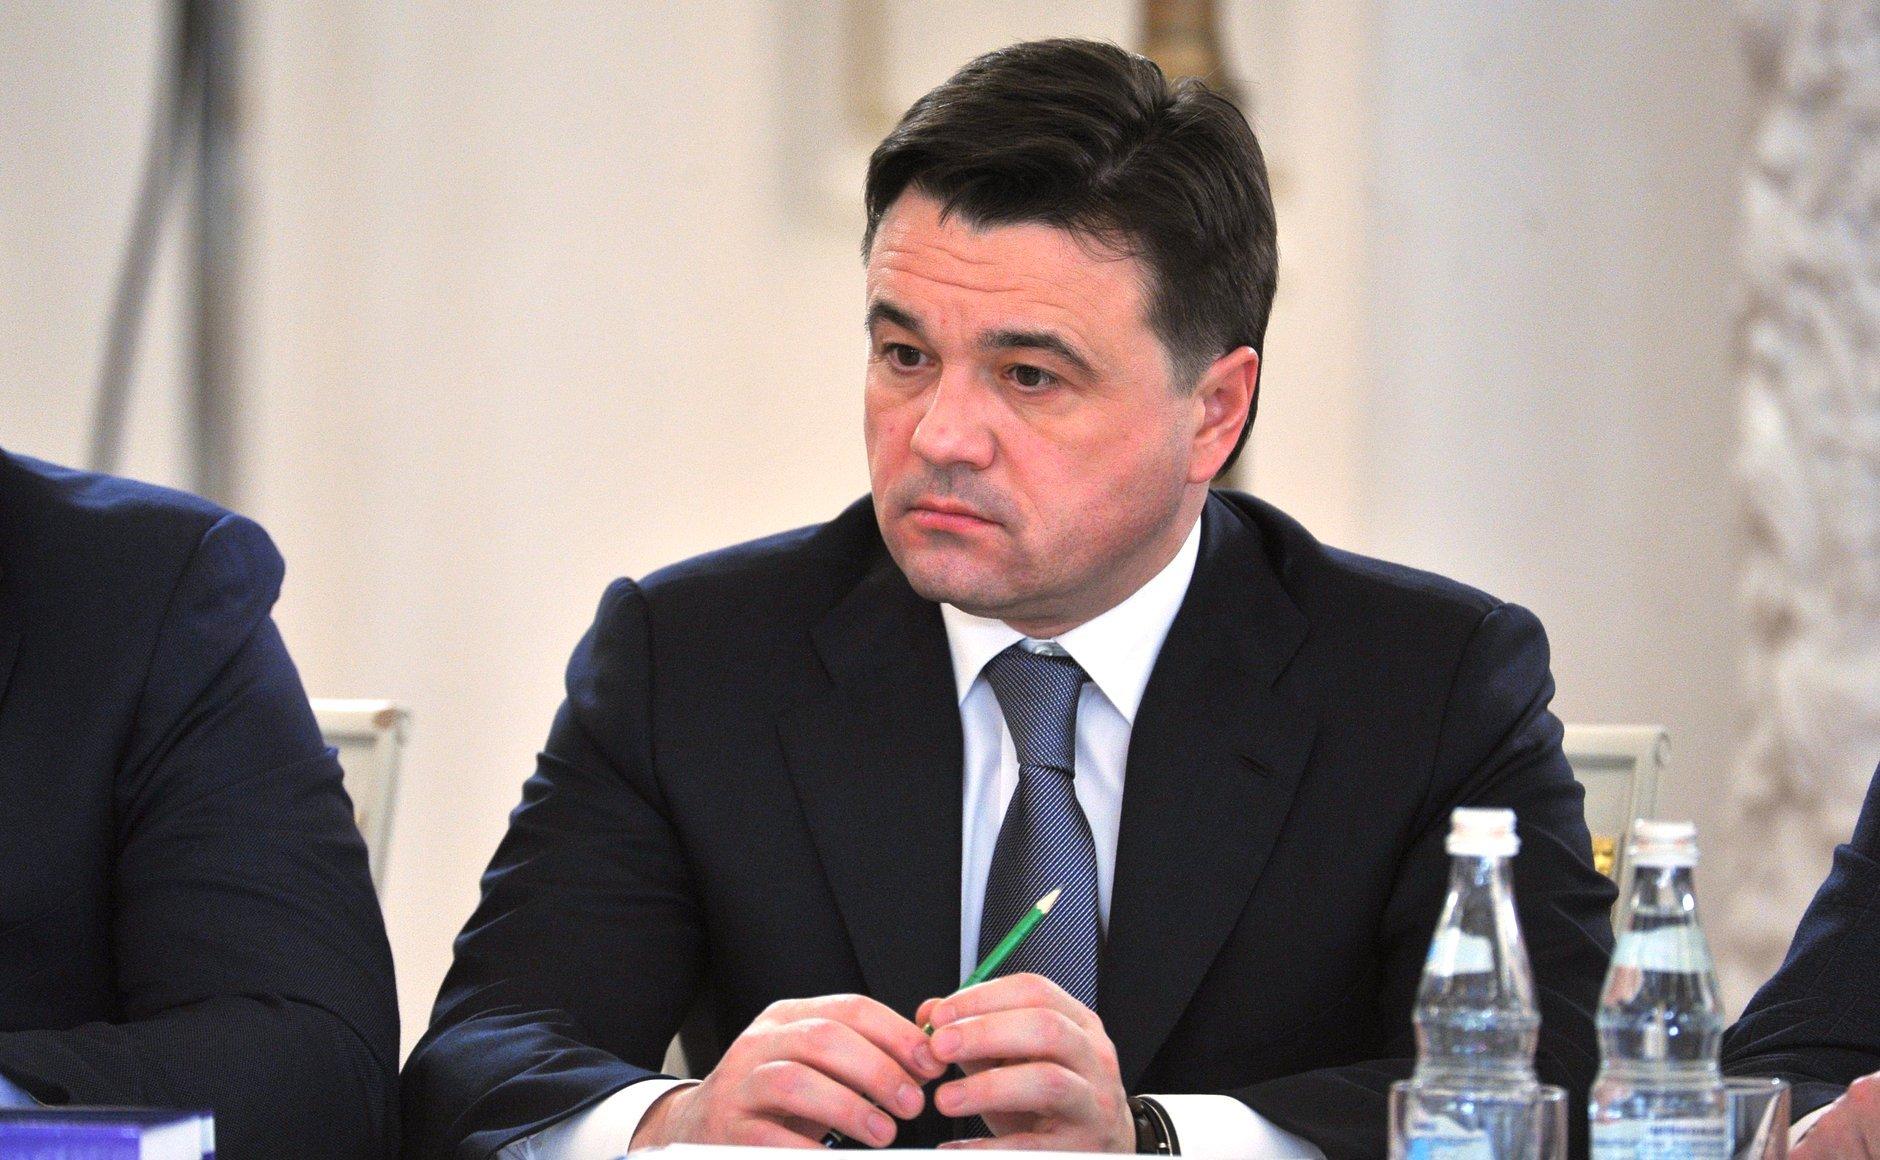 Доходы губернатора Московской области загод упали практически вдвое